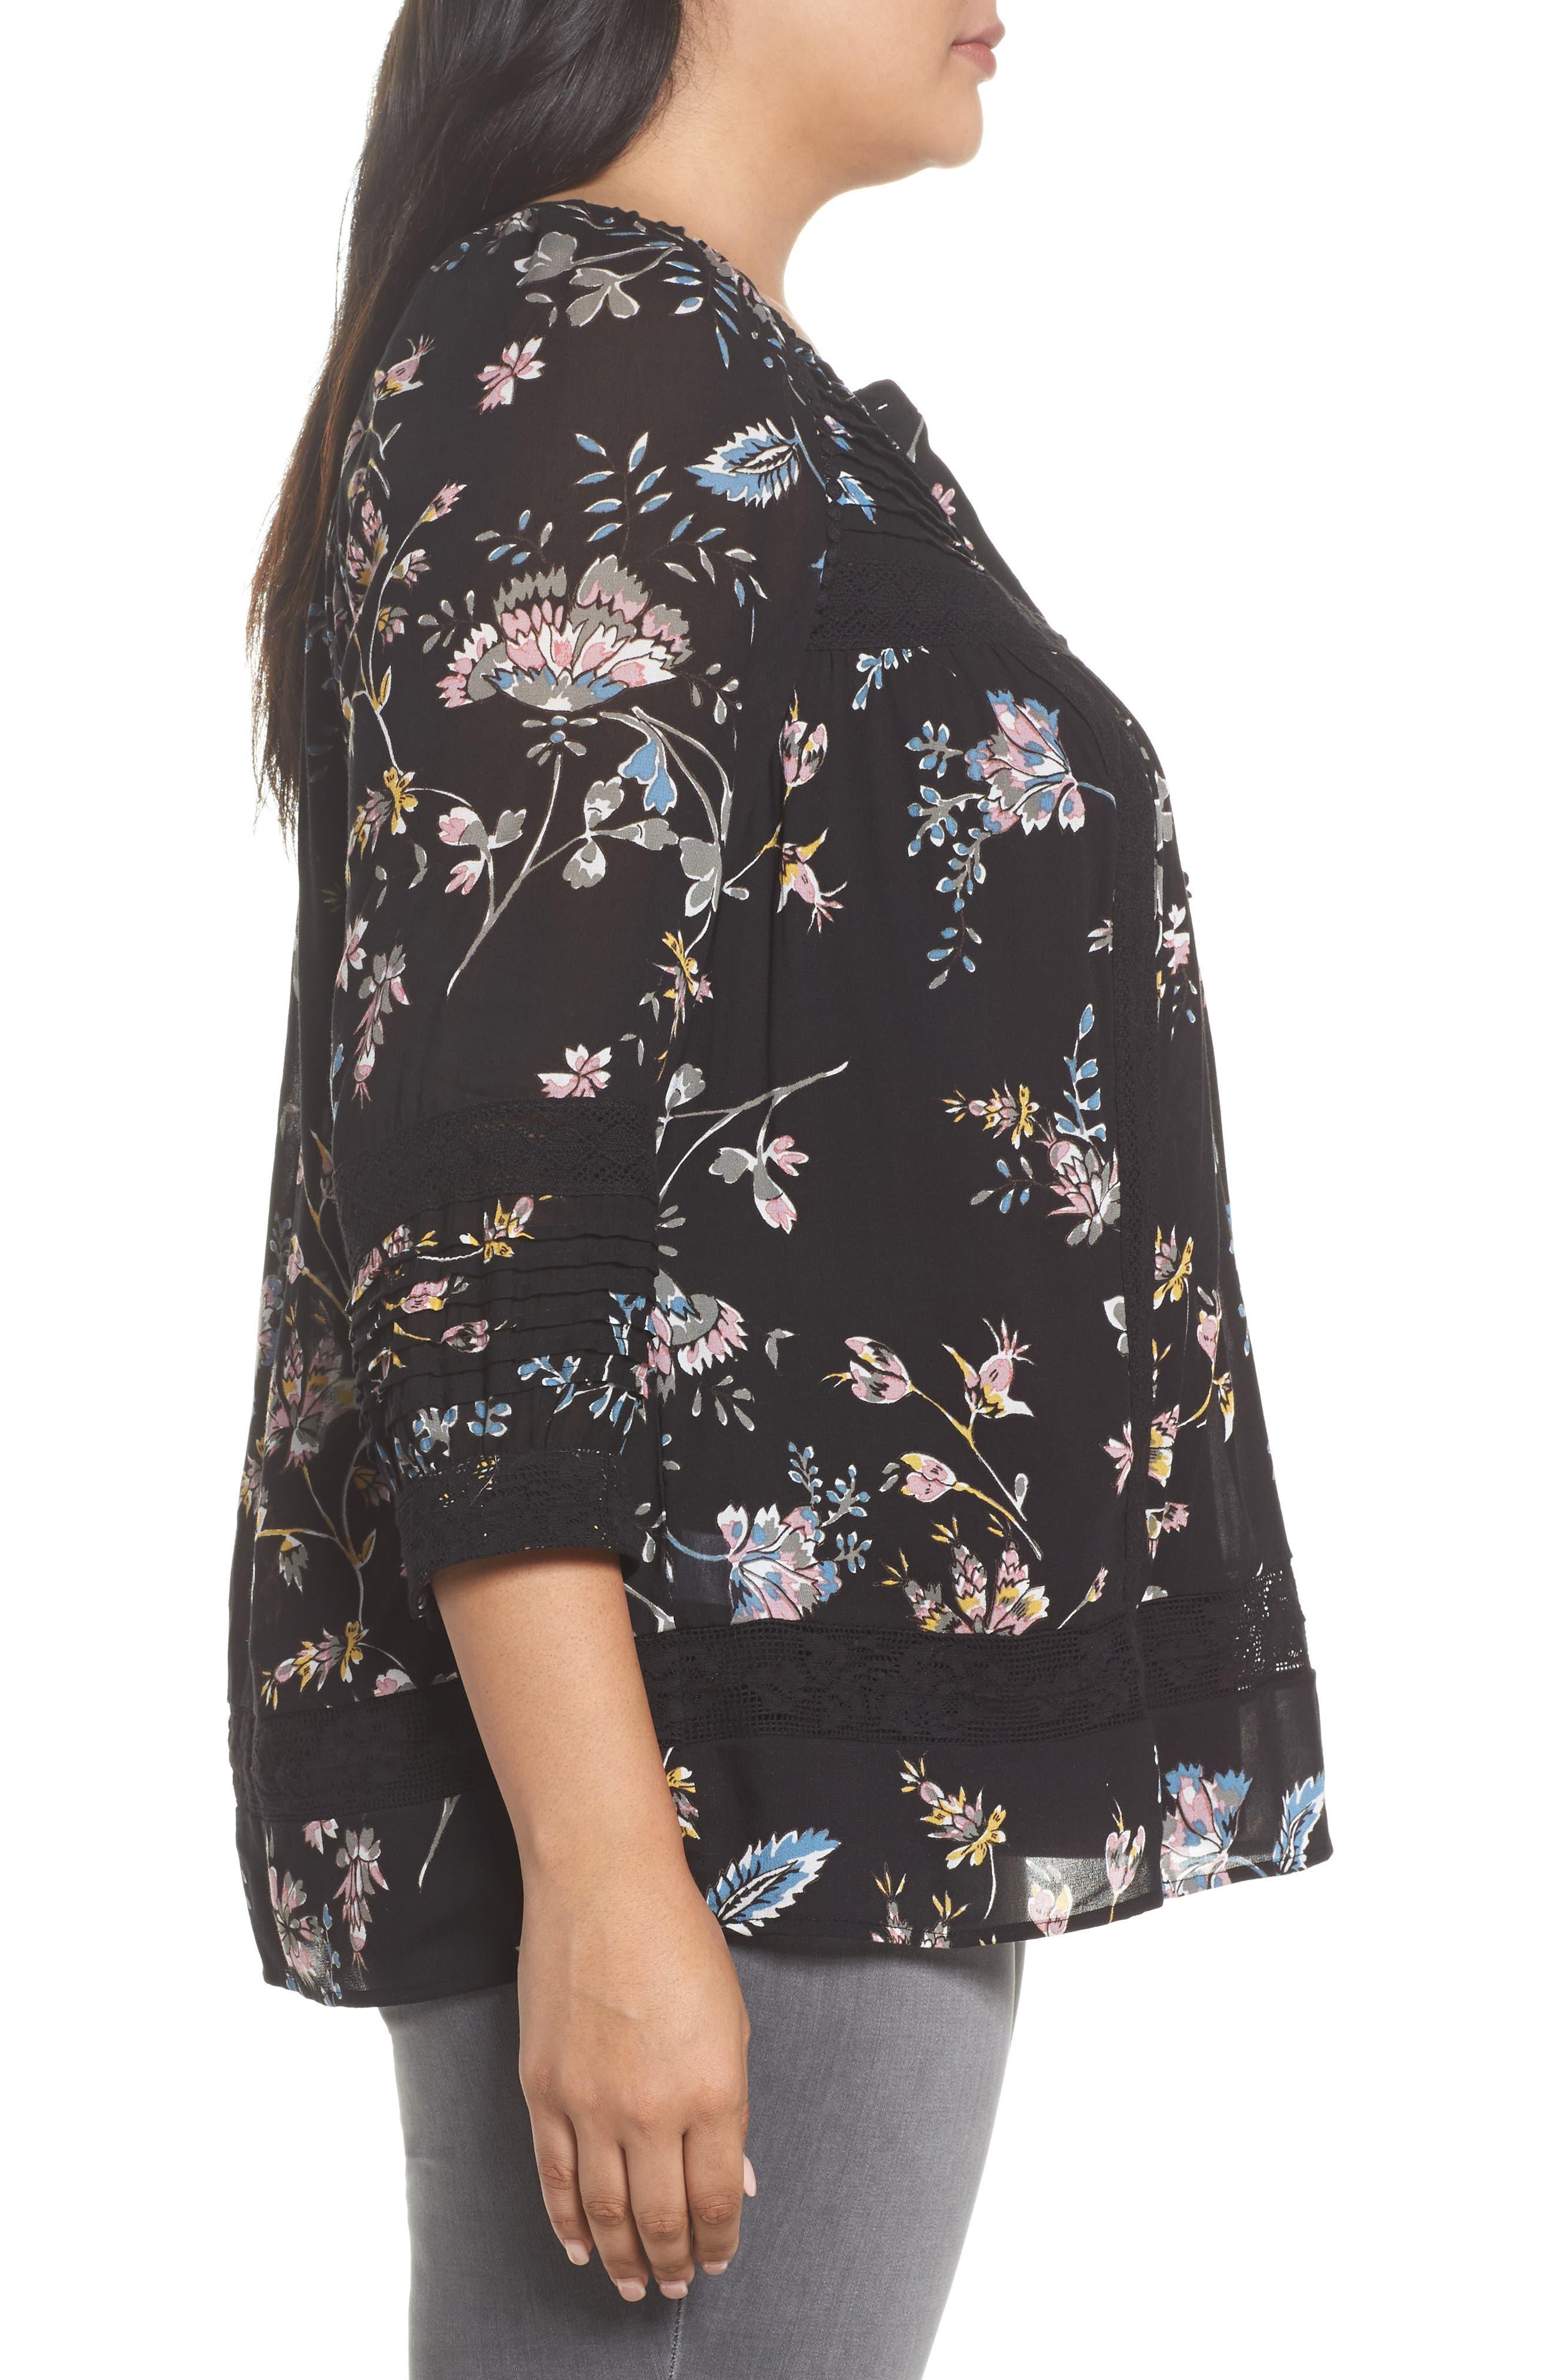 Alternate Image 3  - Daniel Rainn Lace Trim Floral Top (Plus Size)